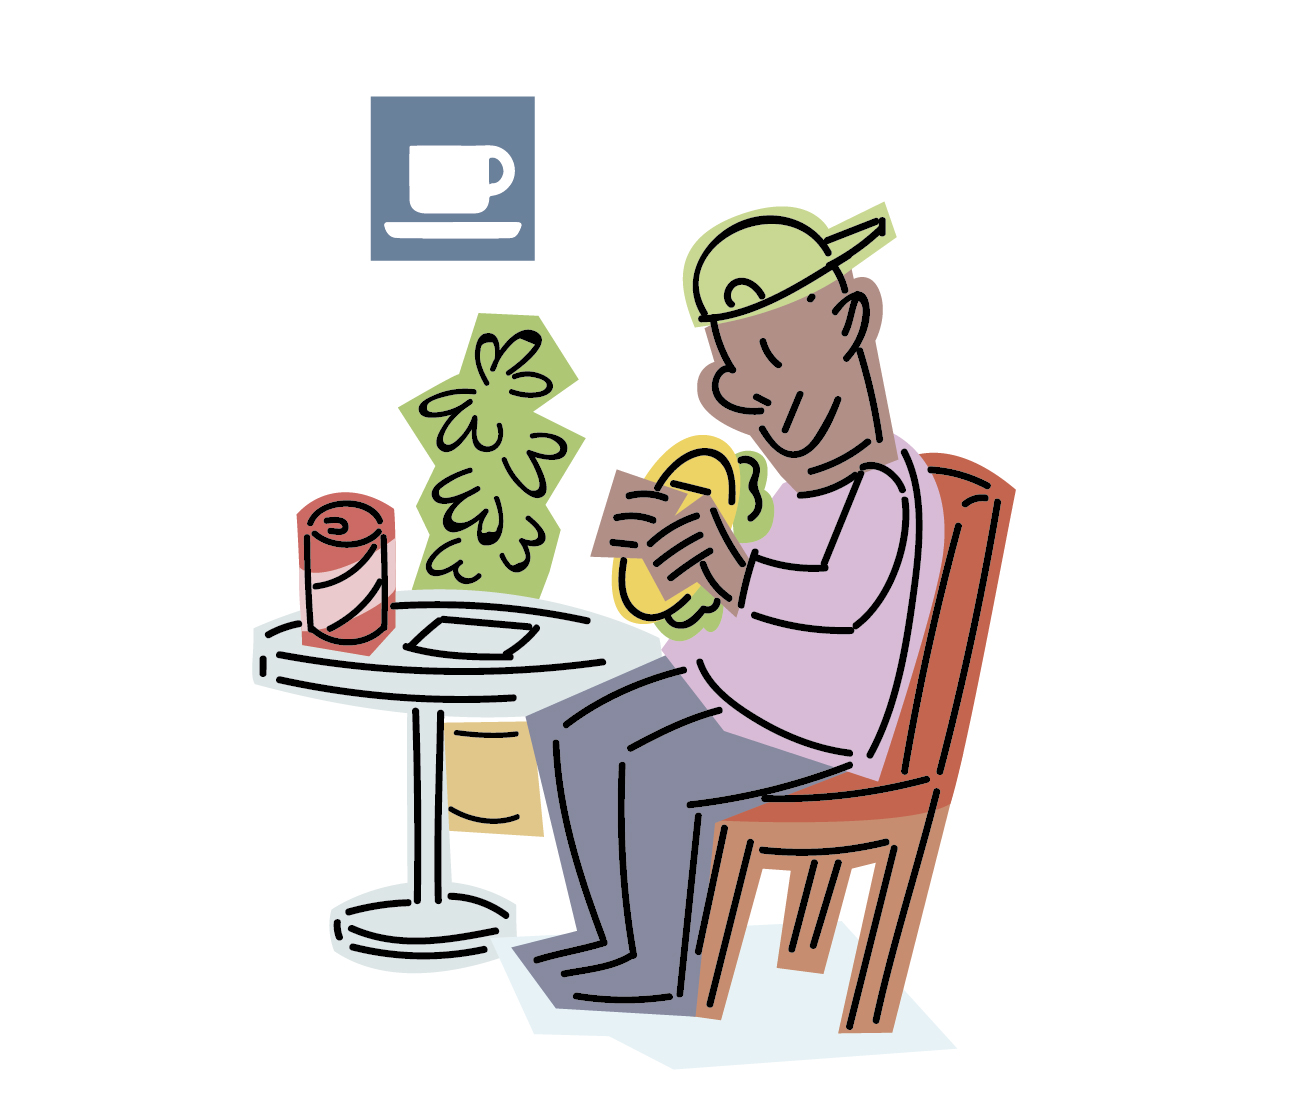 Una persona come un sándwich en una mesa, al lado de un pictograma que indica que es una cafetería.